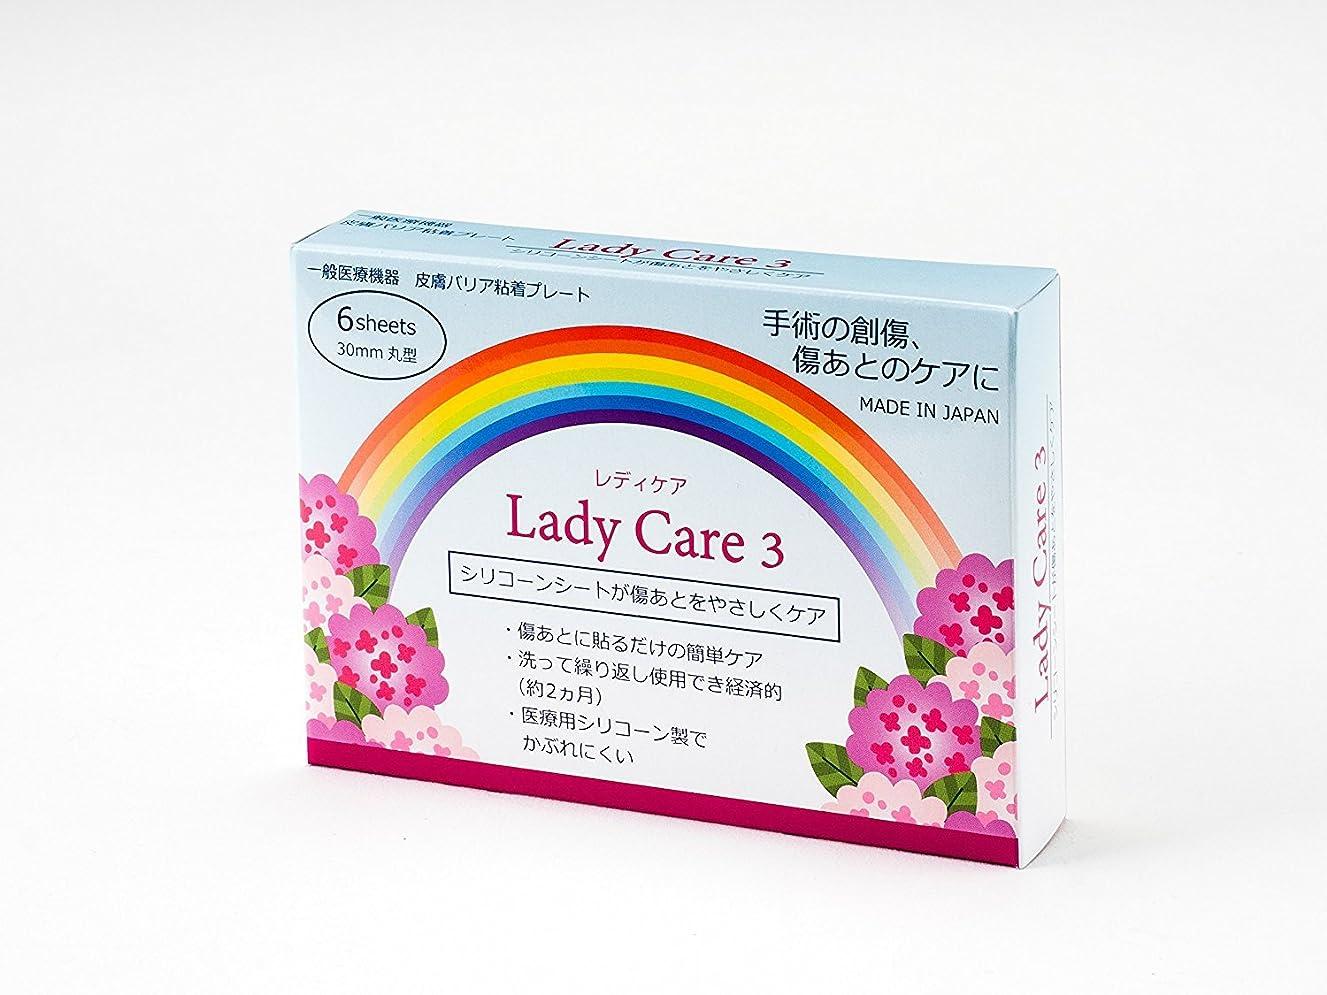 バス蒸発バンクギネマム Lady Care3 レディケア3 【直径3cm】 6枚入り 術後